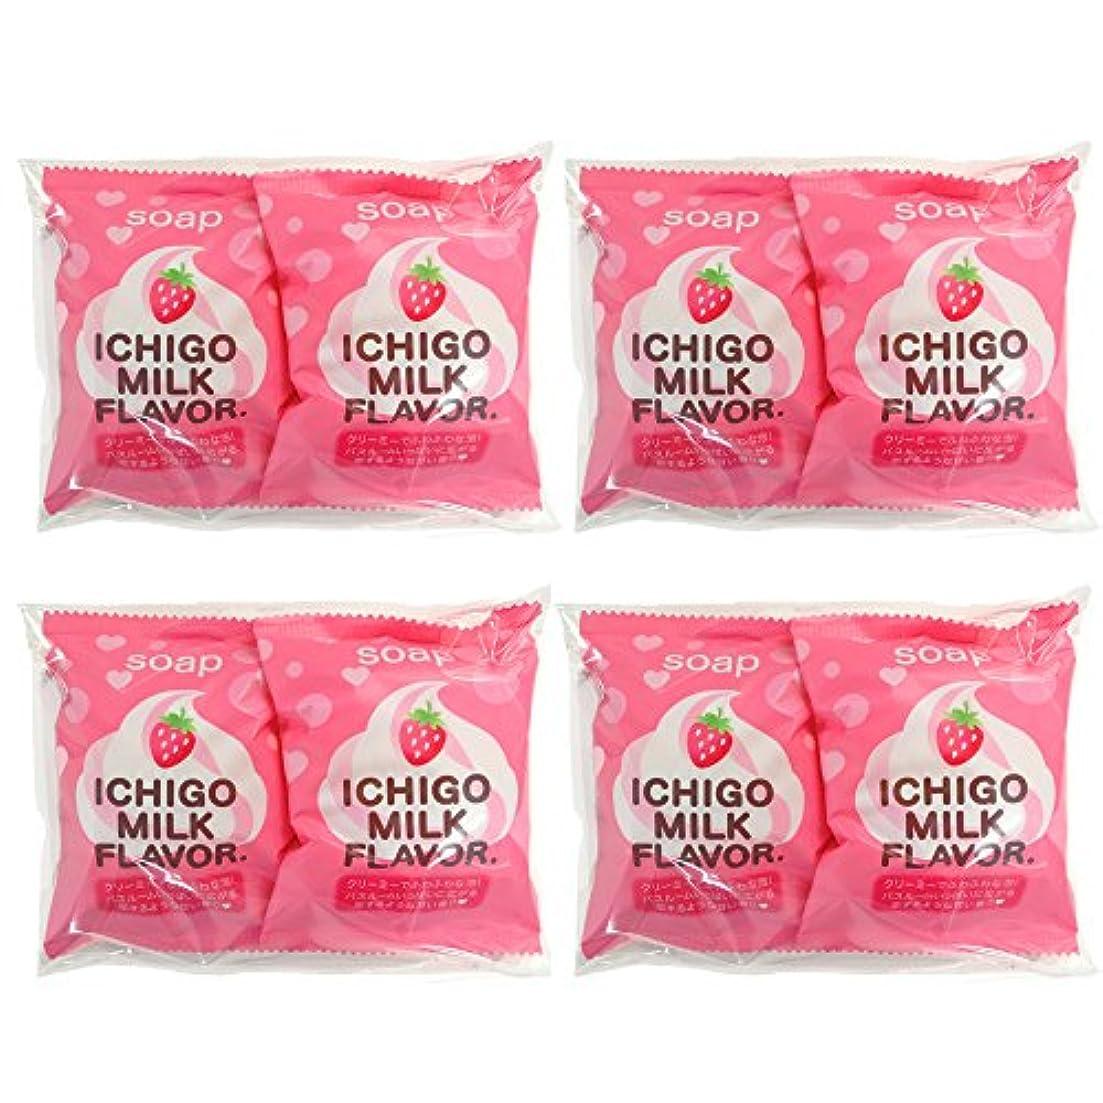 ヒールジレンマ謝罪するプチベリィ ソープS (80g×2個)×4セット ペリカン石鹸